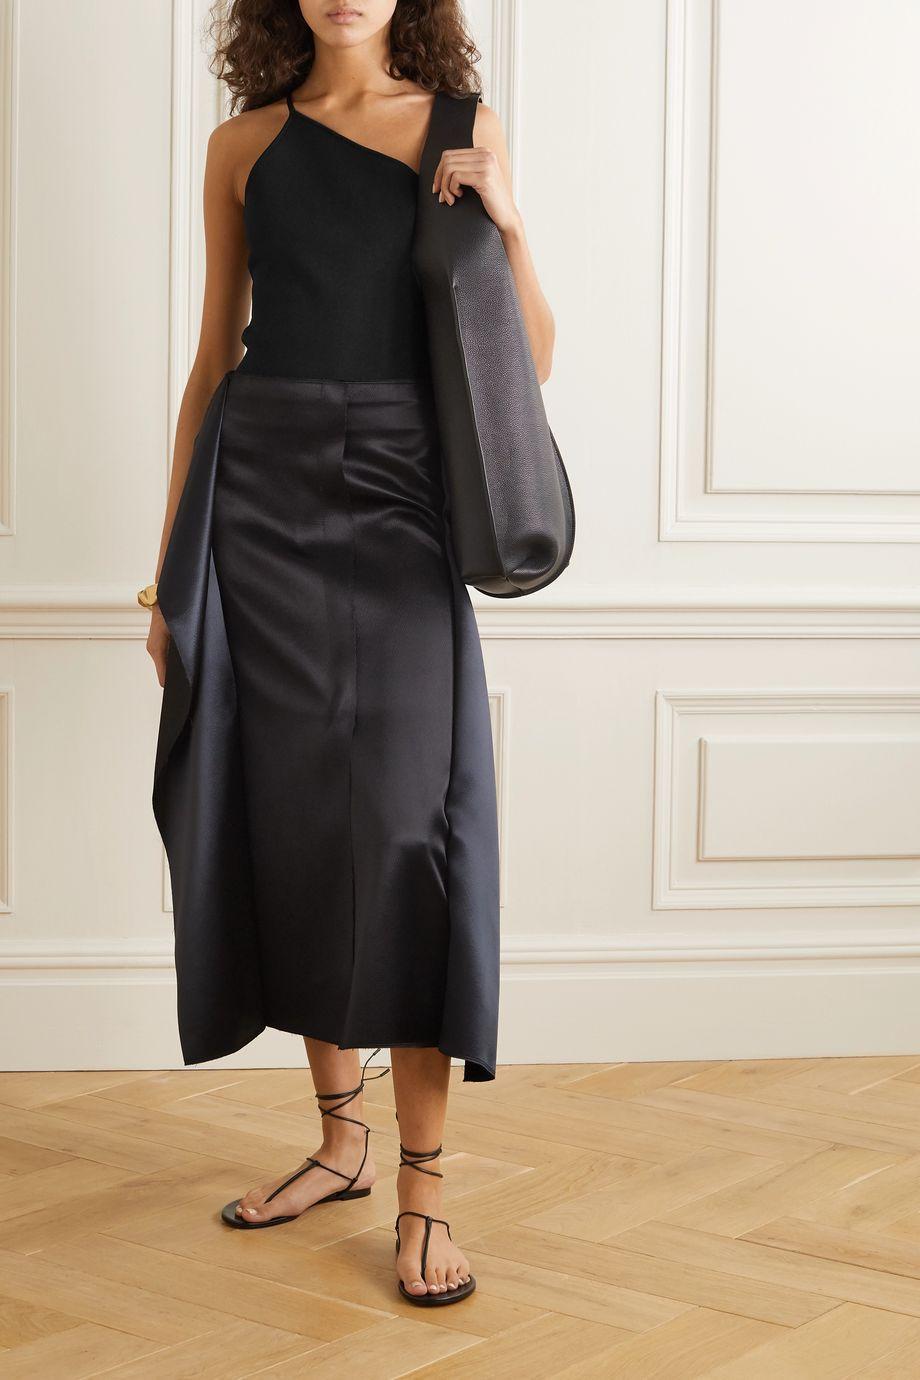 Deveaux One-shoulder stretch-knit top